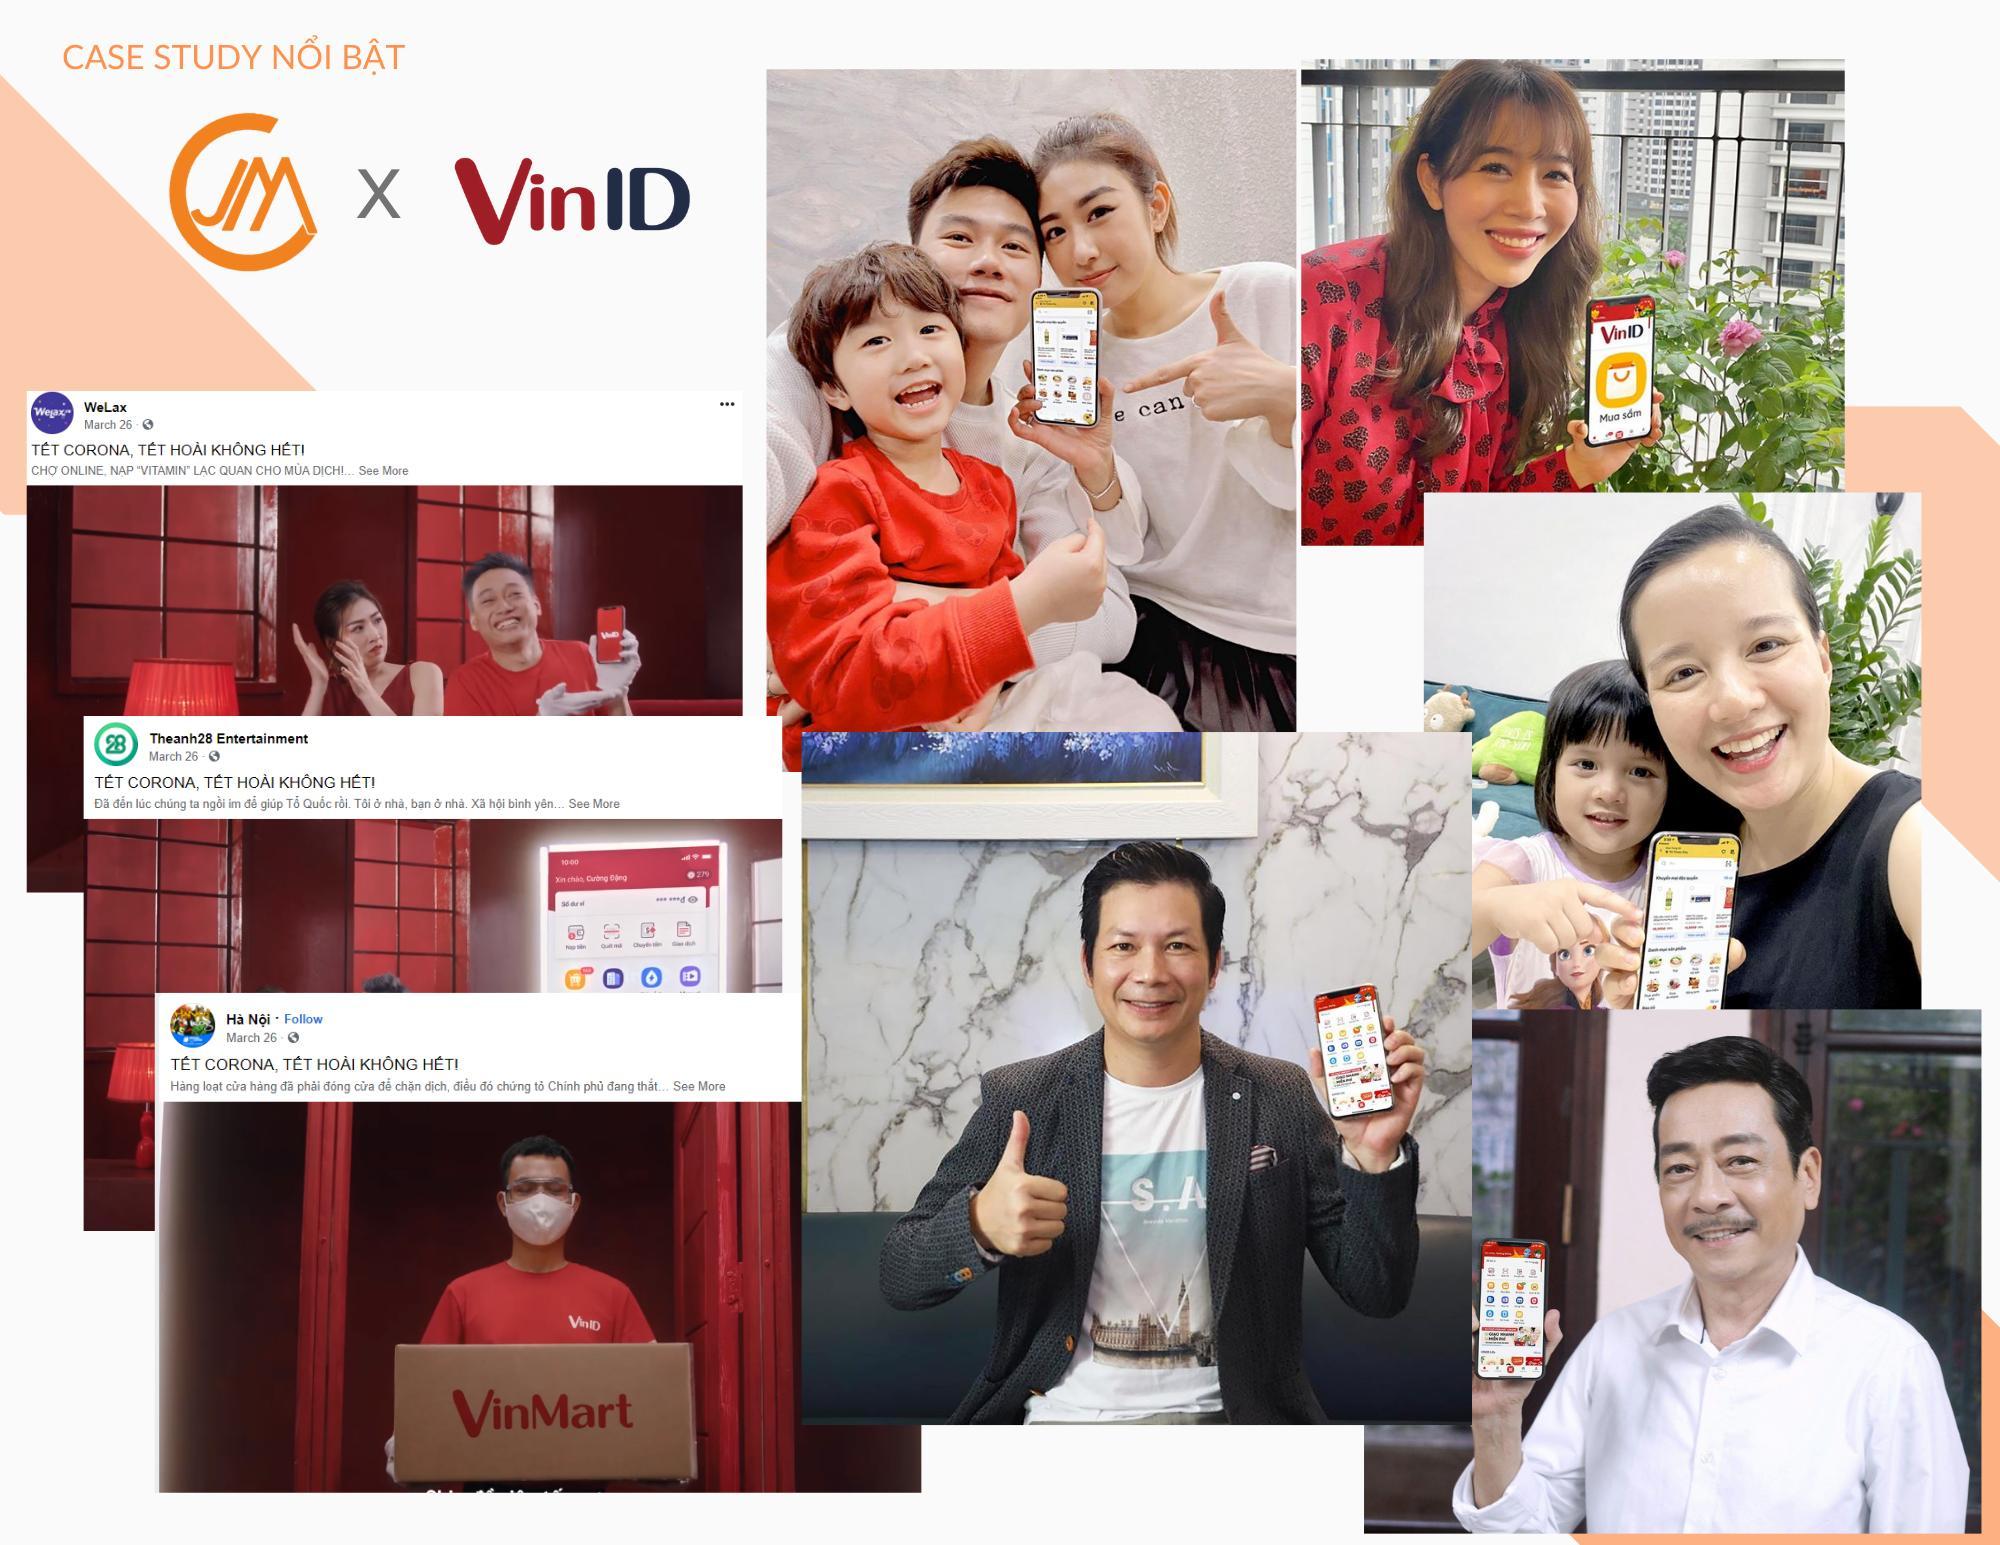 Chiến dịch educate thị trường: đi chợ và mua sắm cùng VinID